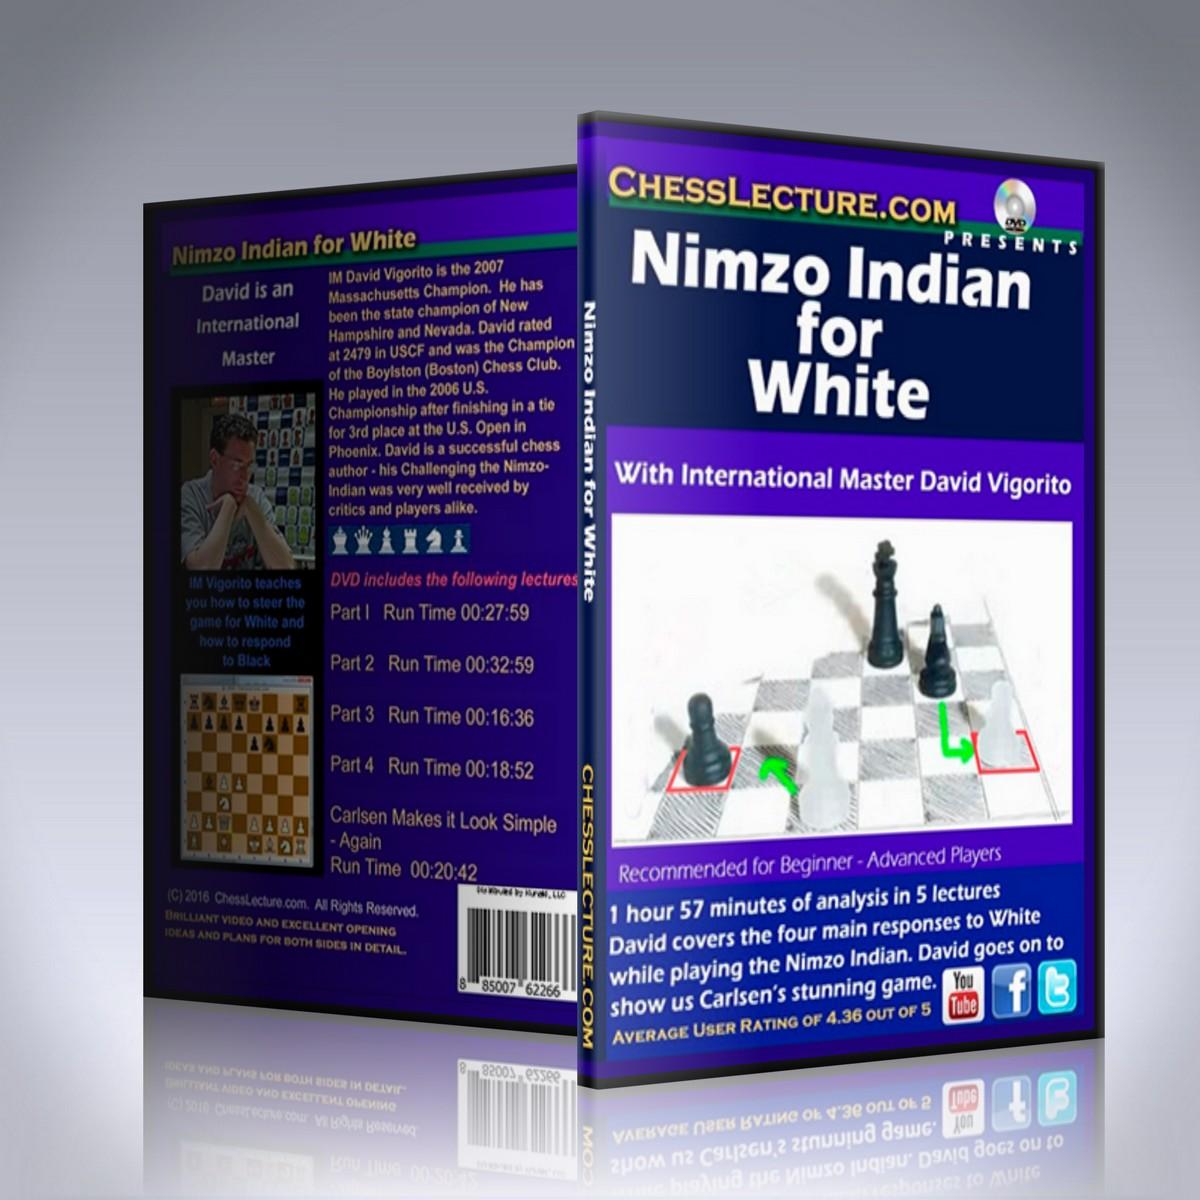 Nimzo Indian for White – IM David Vigorito